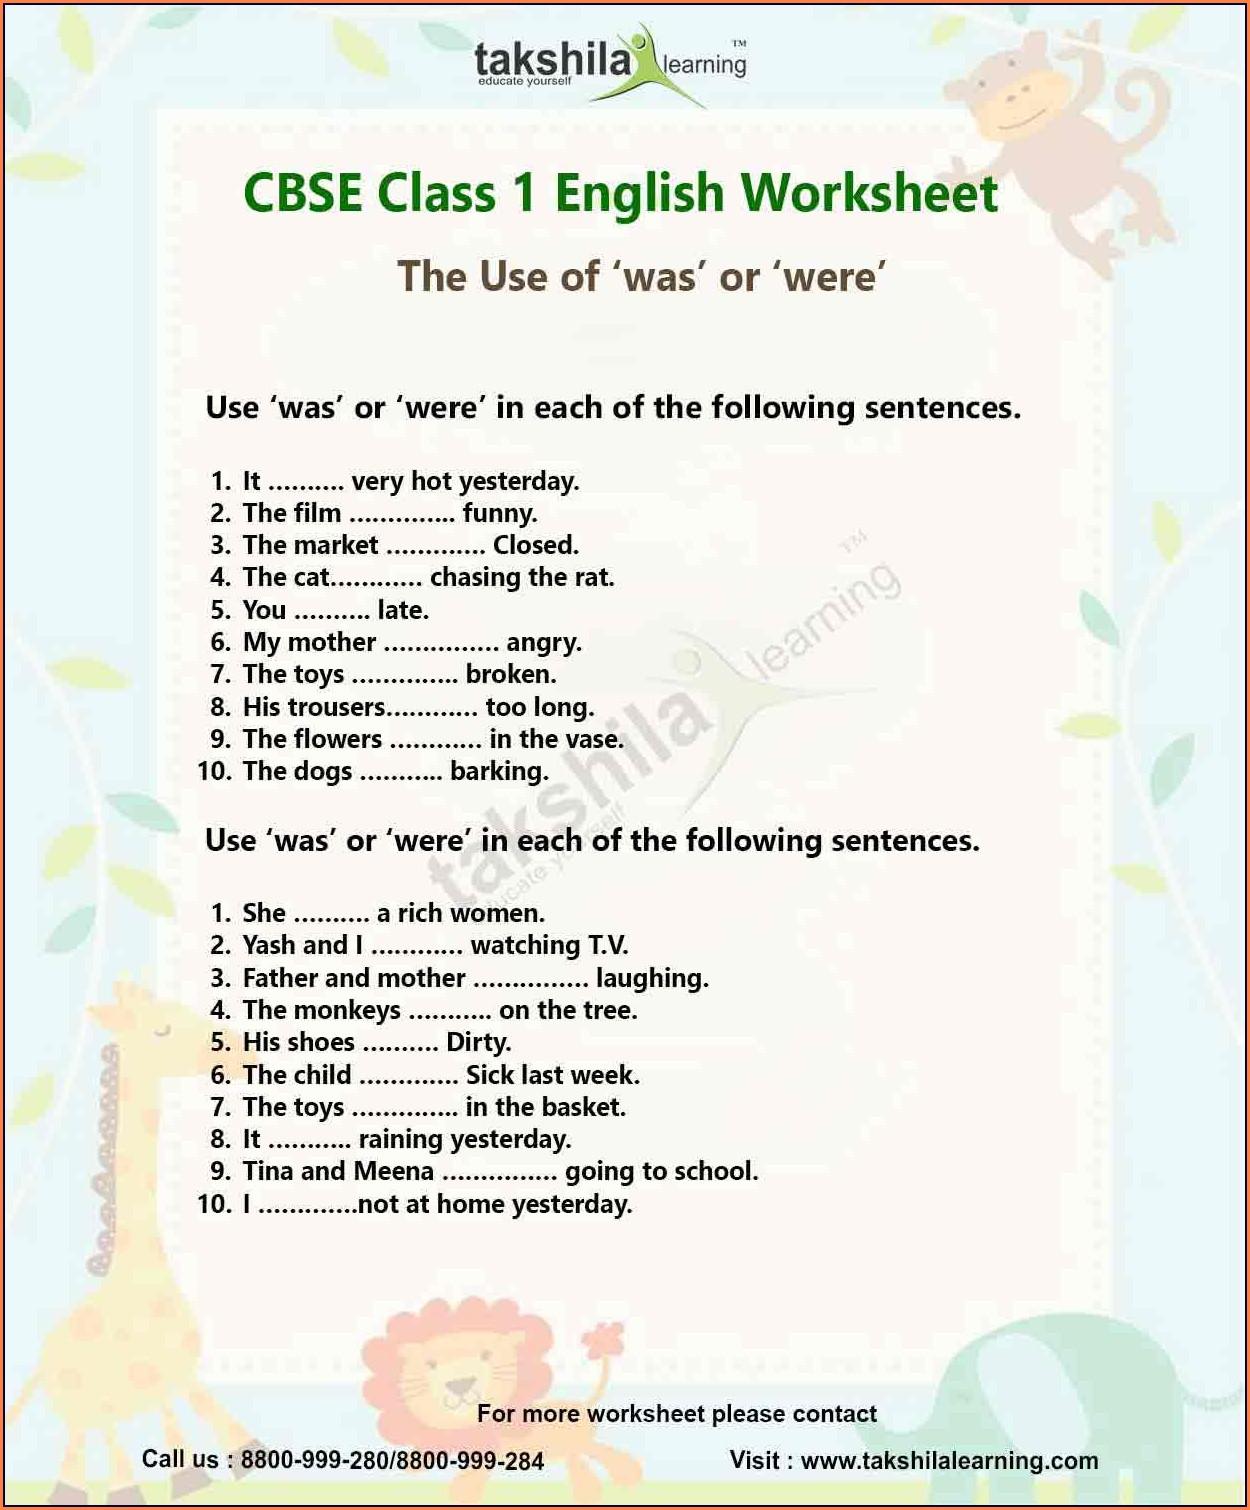 - English Grammar Worksheets For Class 2 Cbse لم يسبق له مثيل الصور